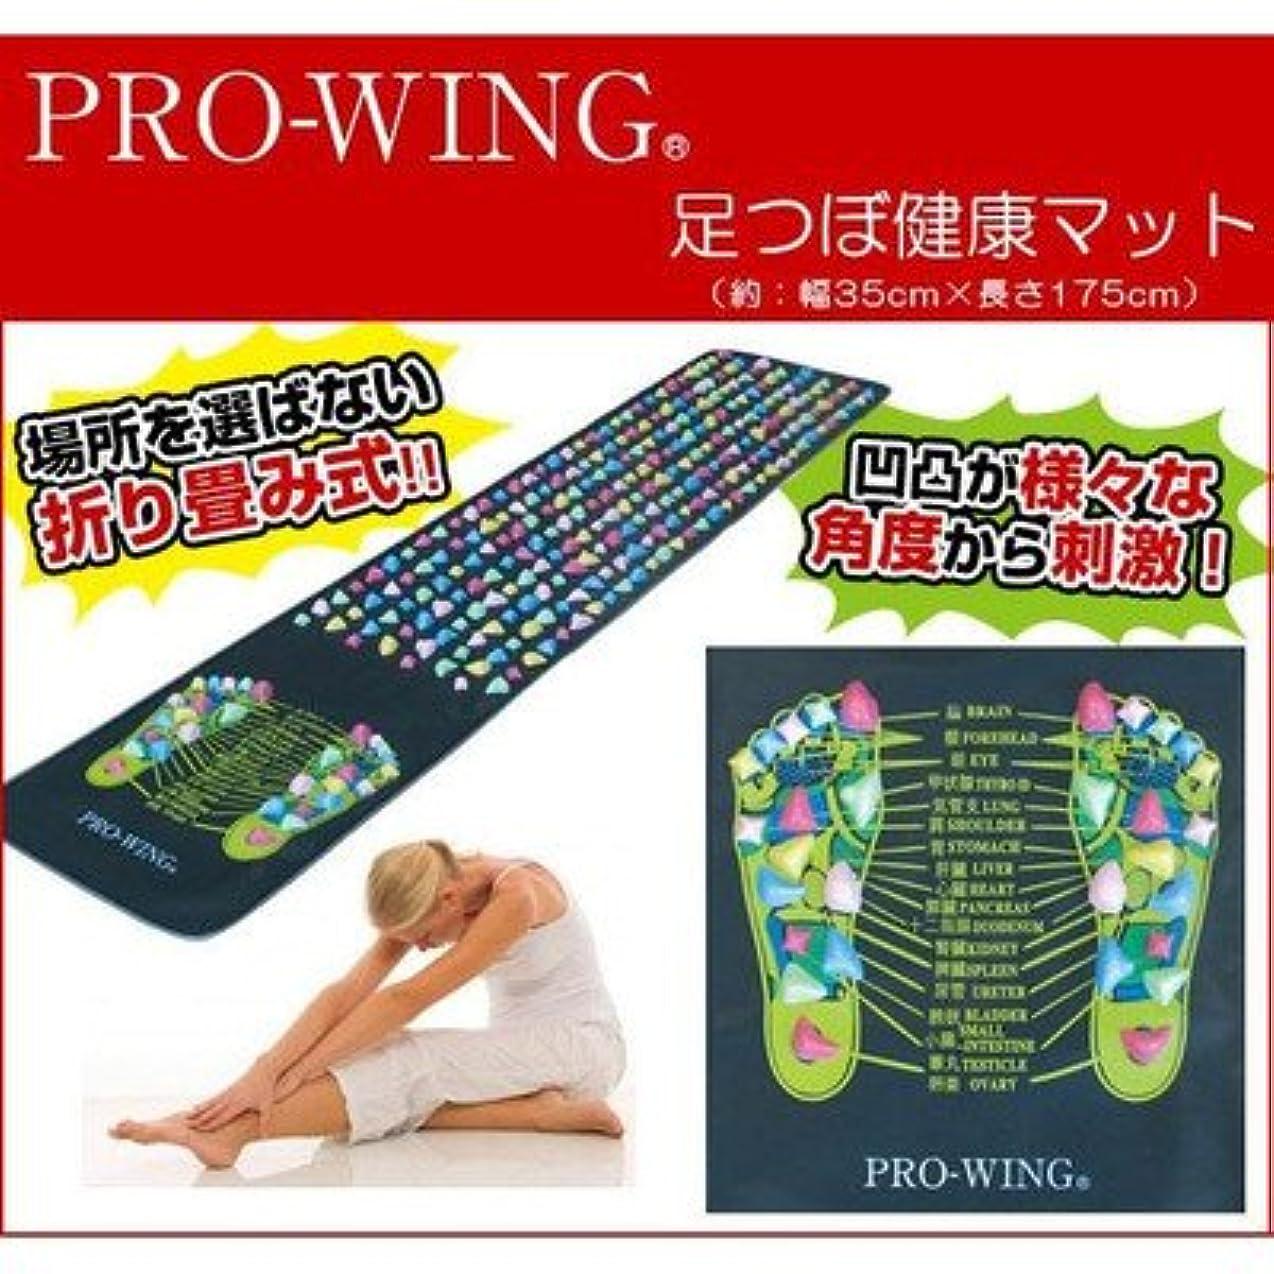 打倒君主動作カラフルで可愛らしい凹凸が様々な角度から刺激 PRO-WING プロウィング 足つぼ健康マット PWF-1001